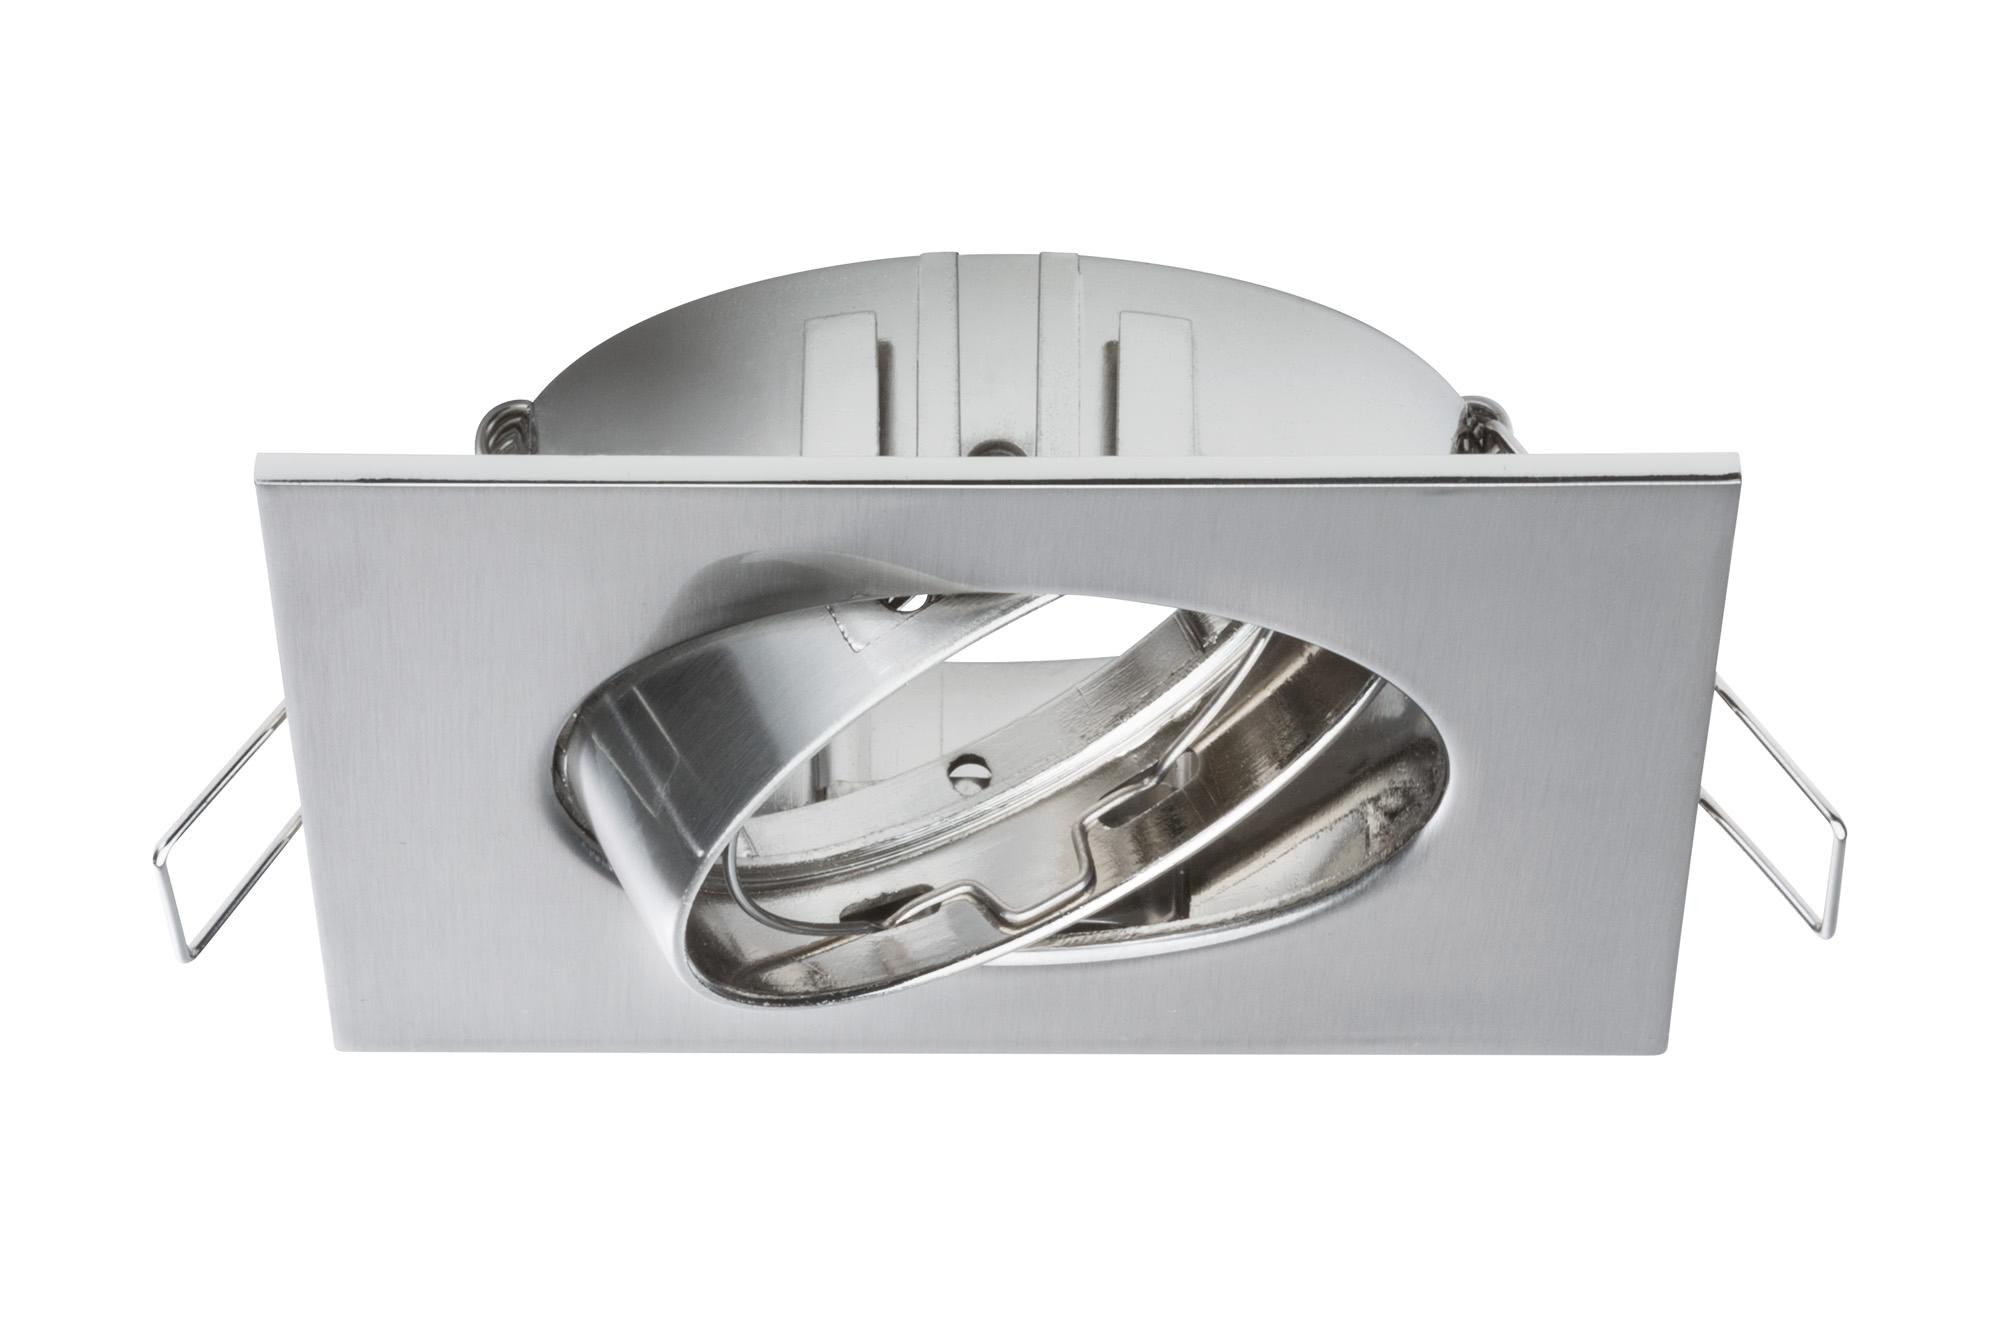 Paulmann. 92592 Светильник встр. комплект 3 шт. Spot Quadro schw, железо шероховатое